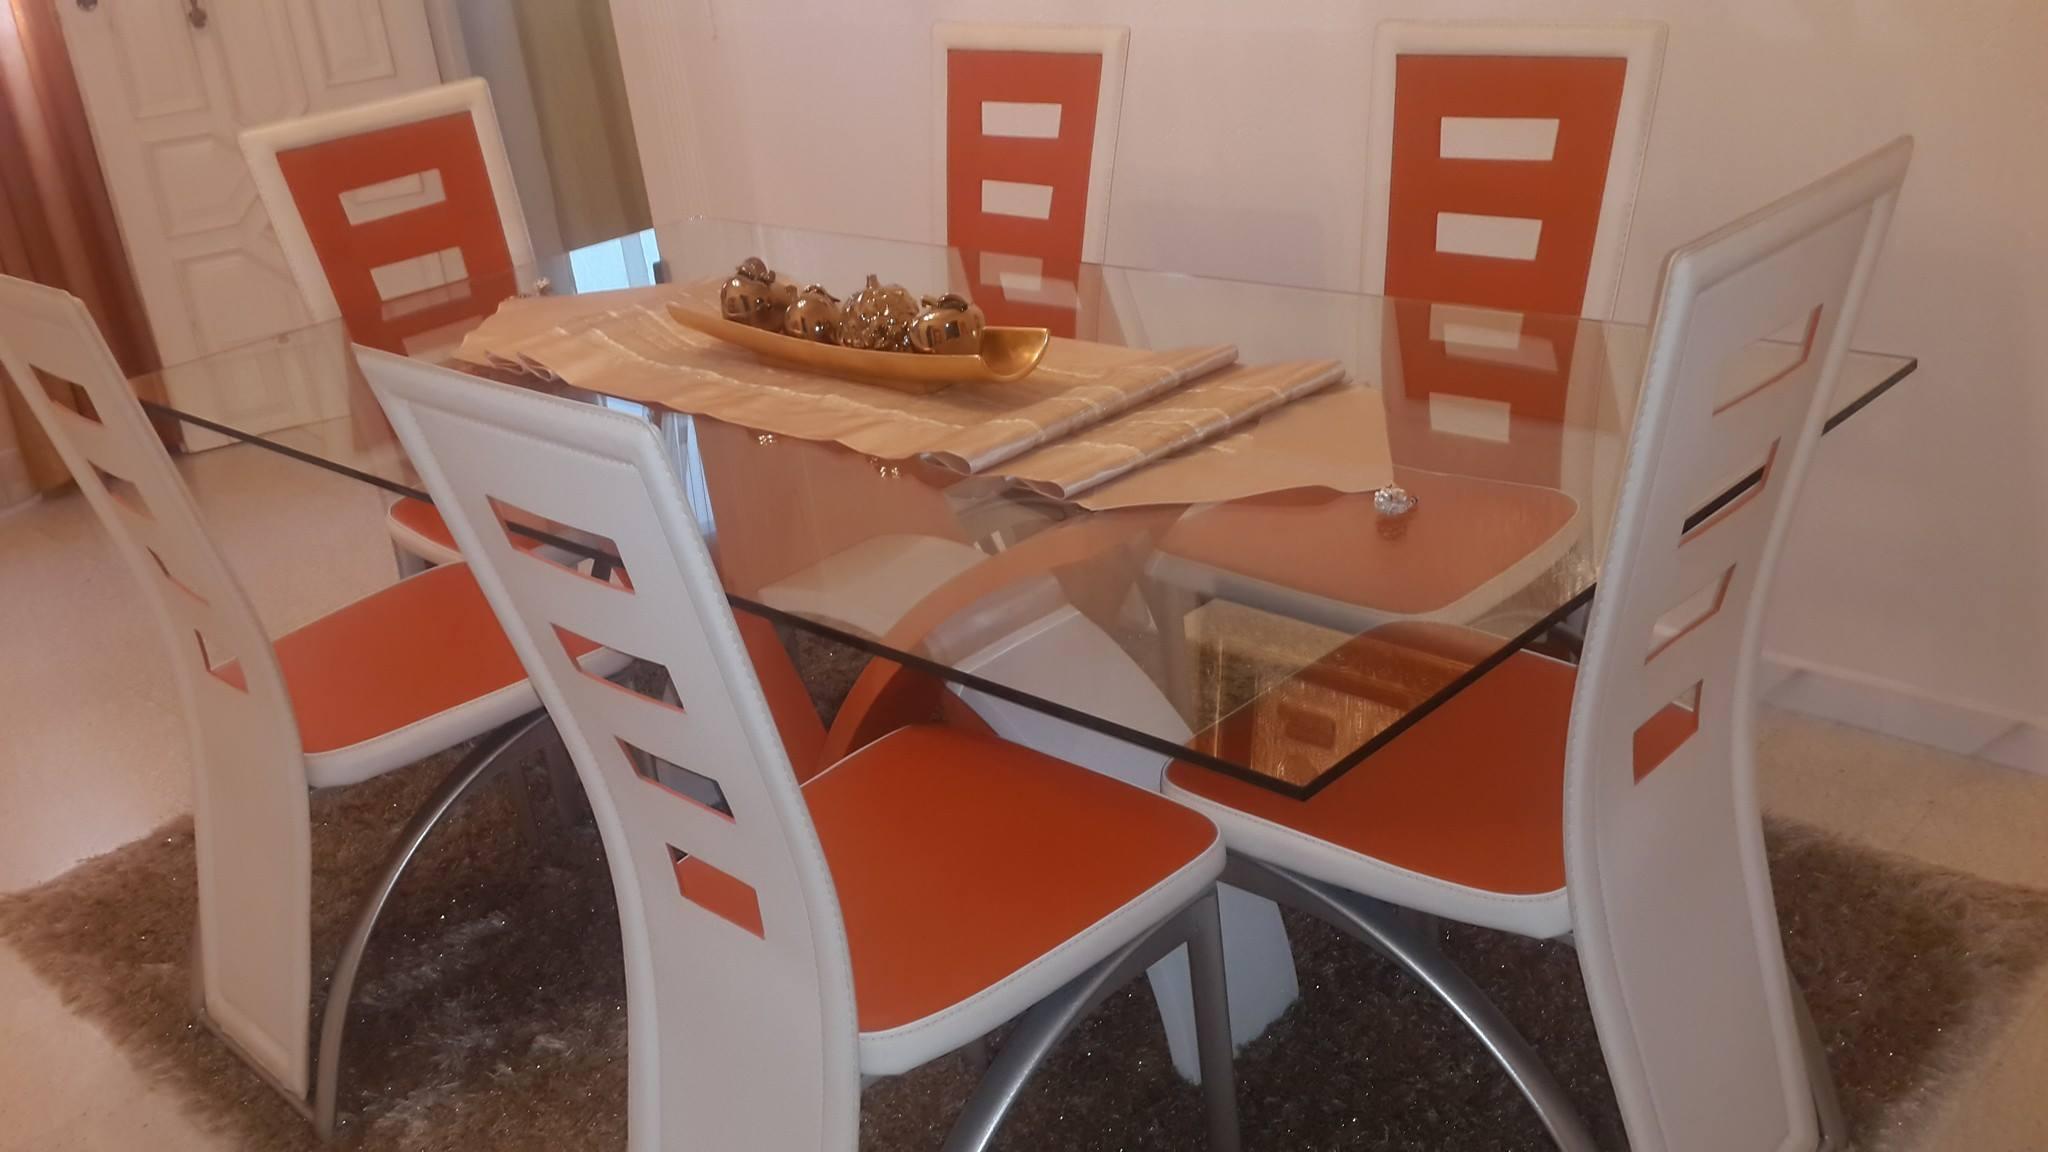 Salle manger meubles et d coration tunisie for Restaurant salle a manger tunis